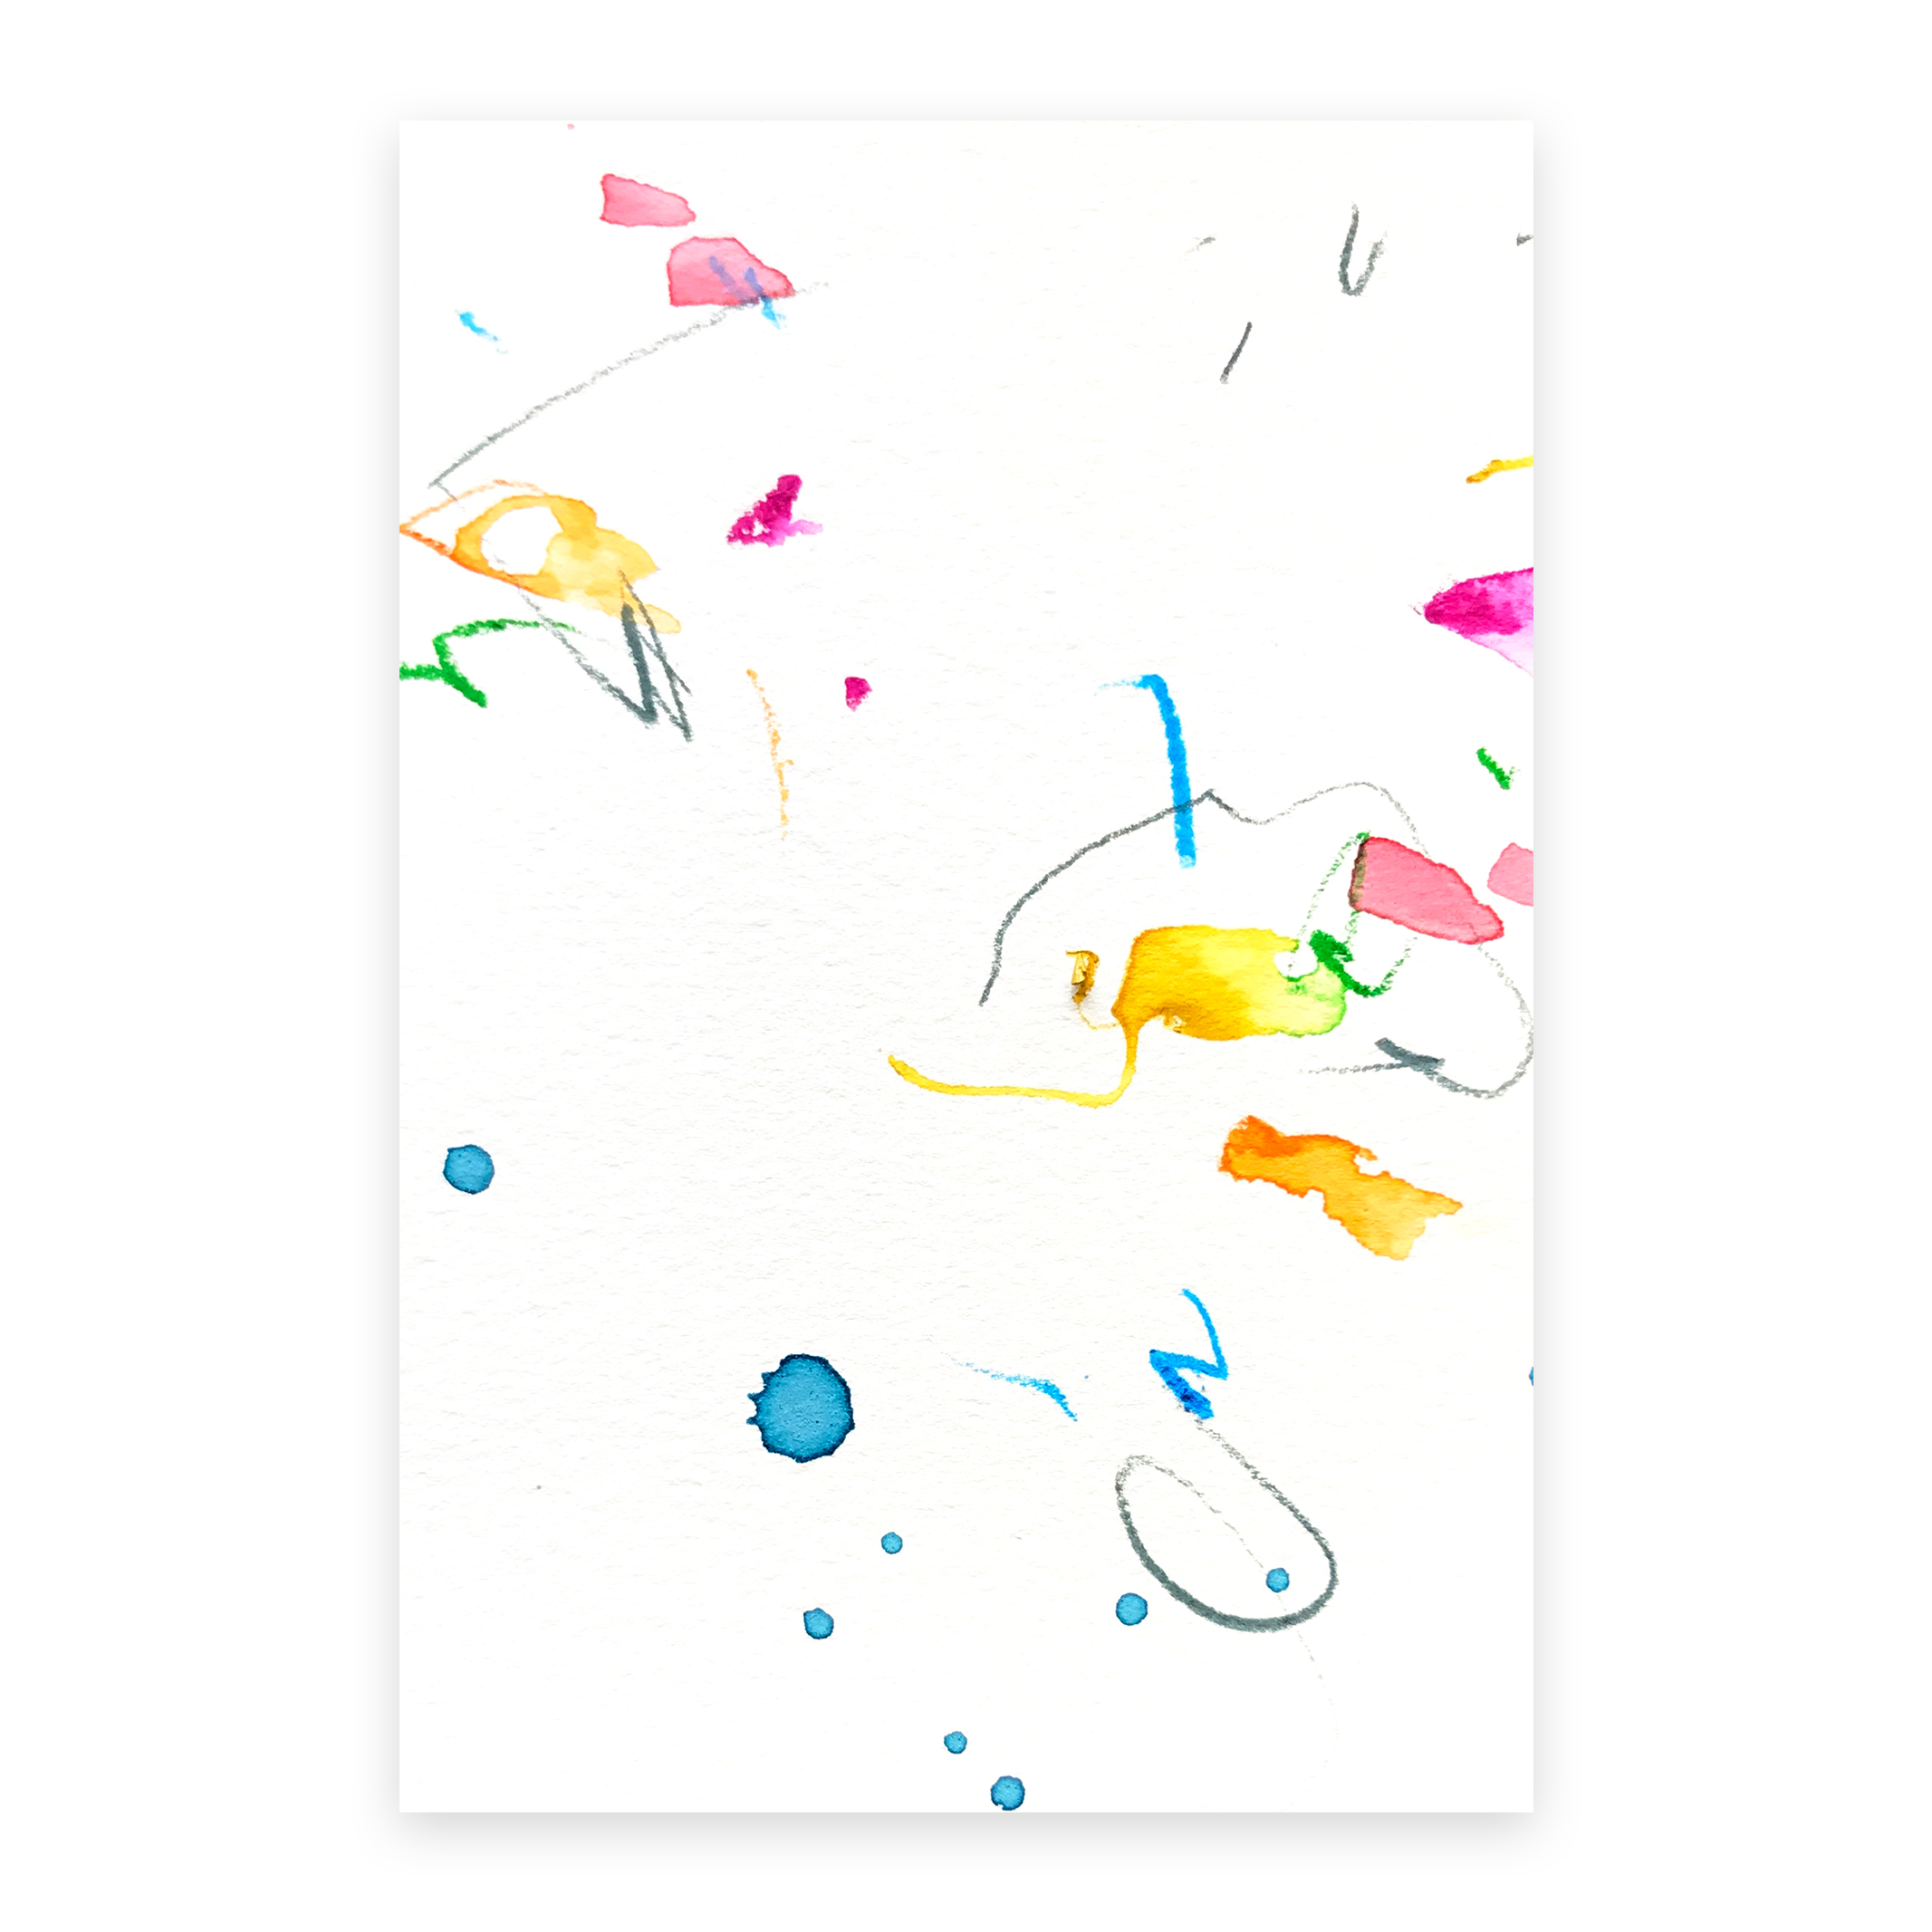 dd_oct24181  Mixed media on paper 14.8×10cm